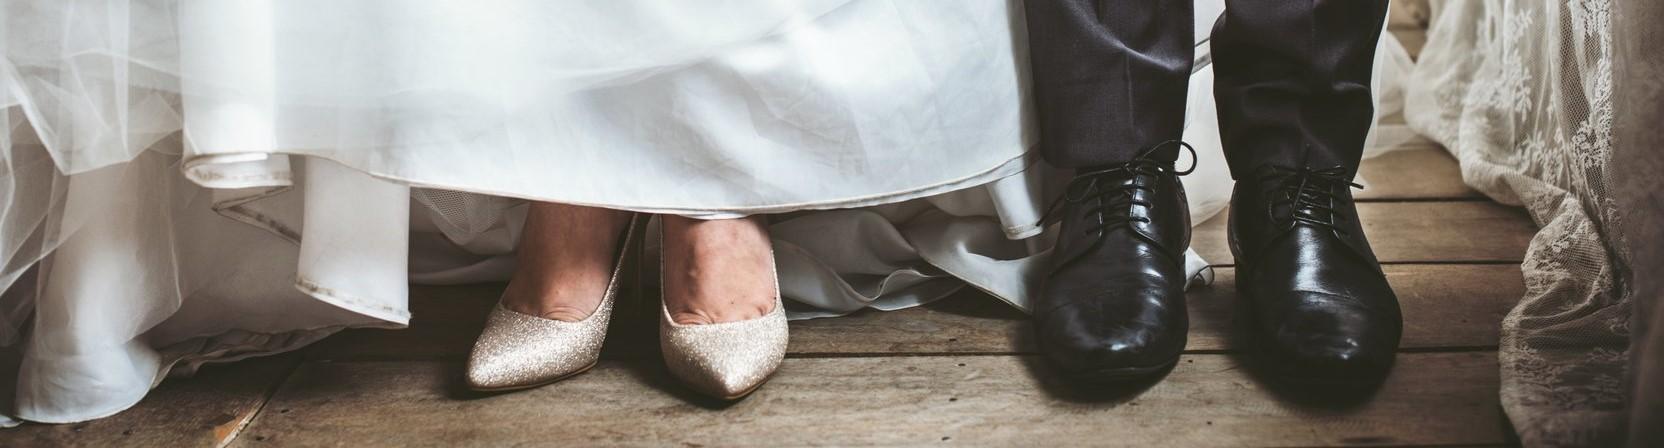 De voeten van een bruid en bruidegom